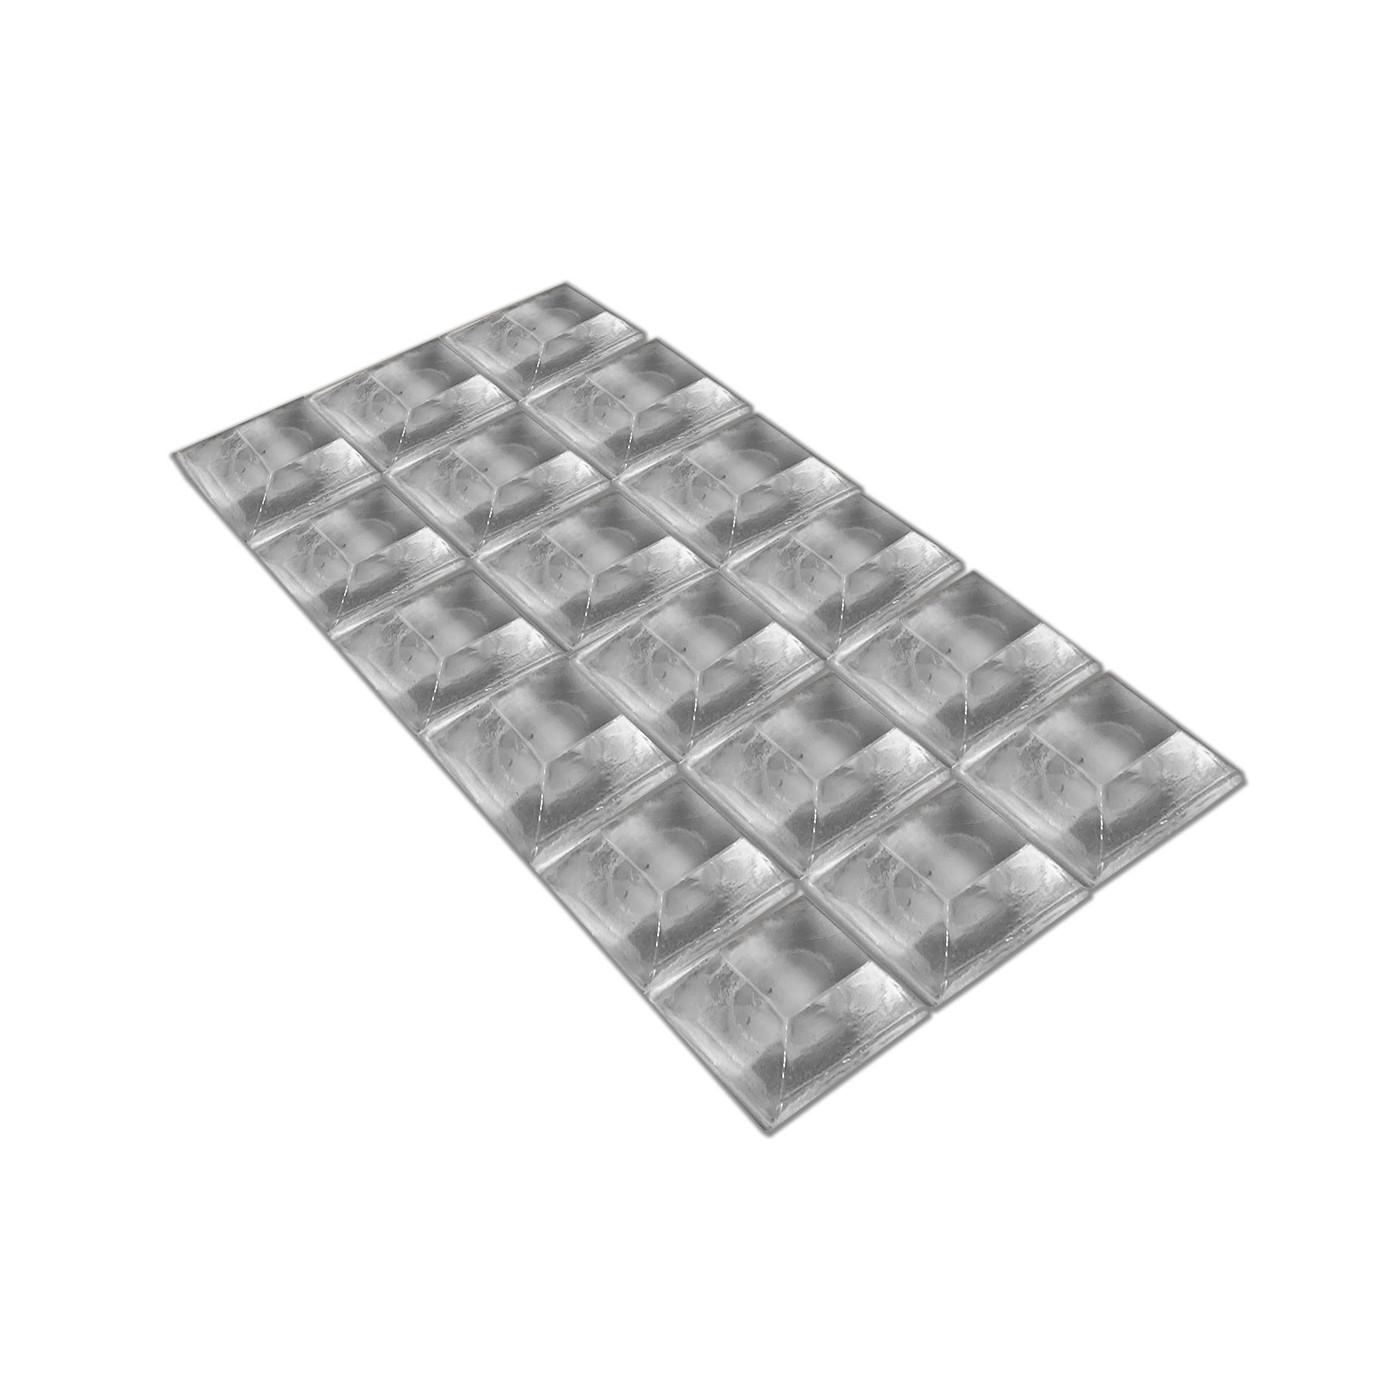 Set von 54 selbstklebenden Puffern (Typ 4, 20x20 mm)  - 1